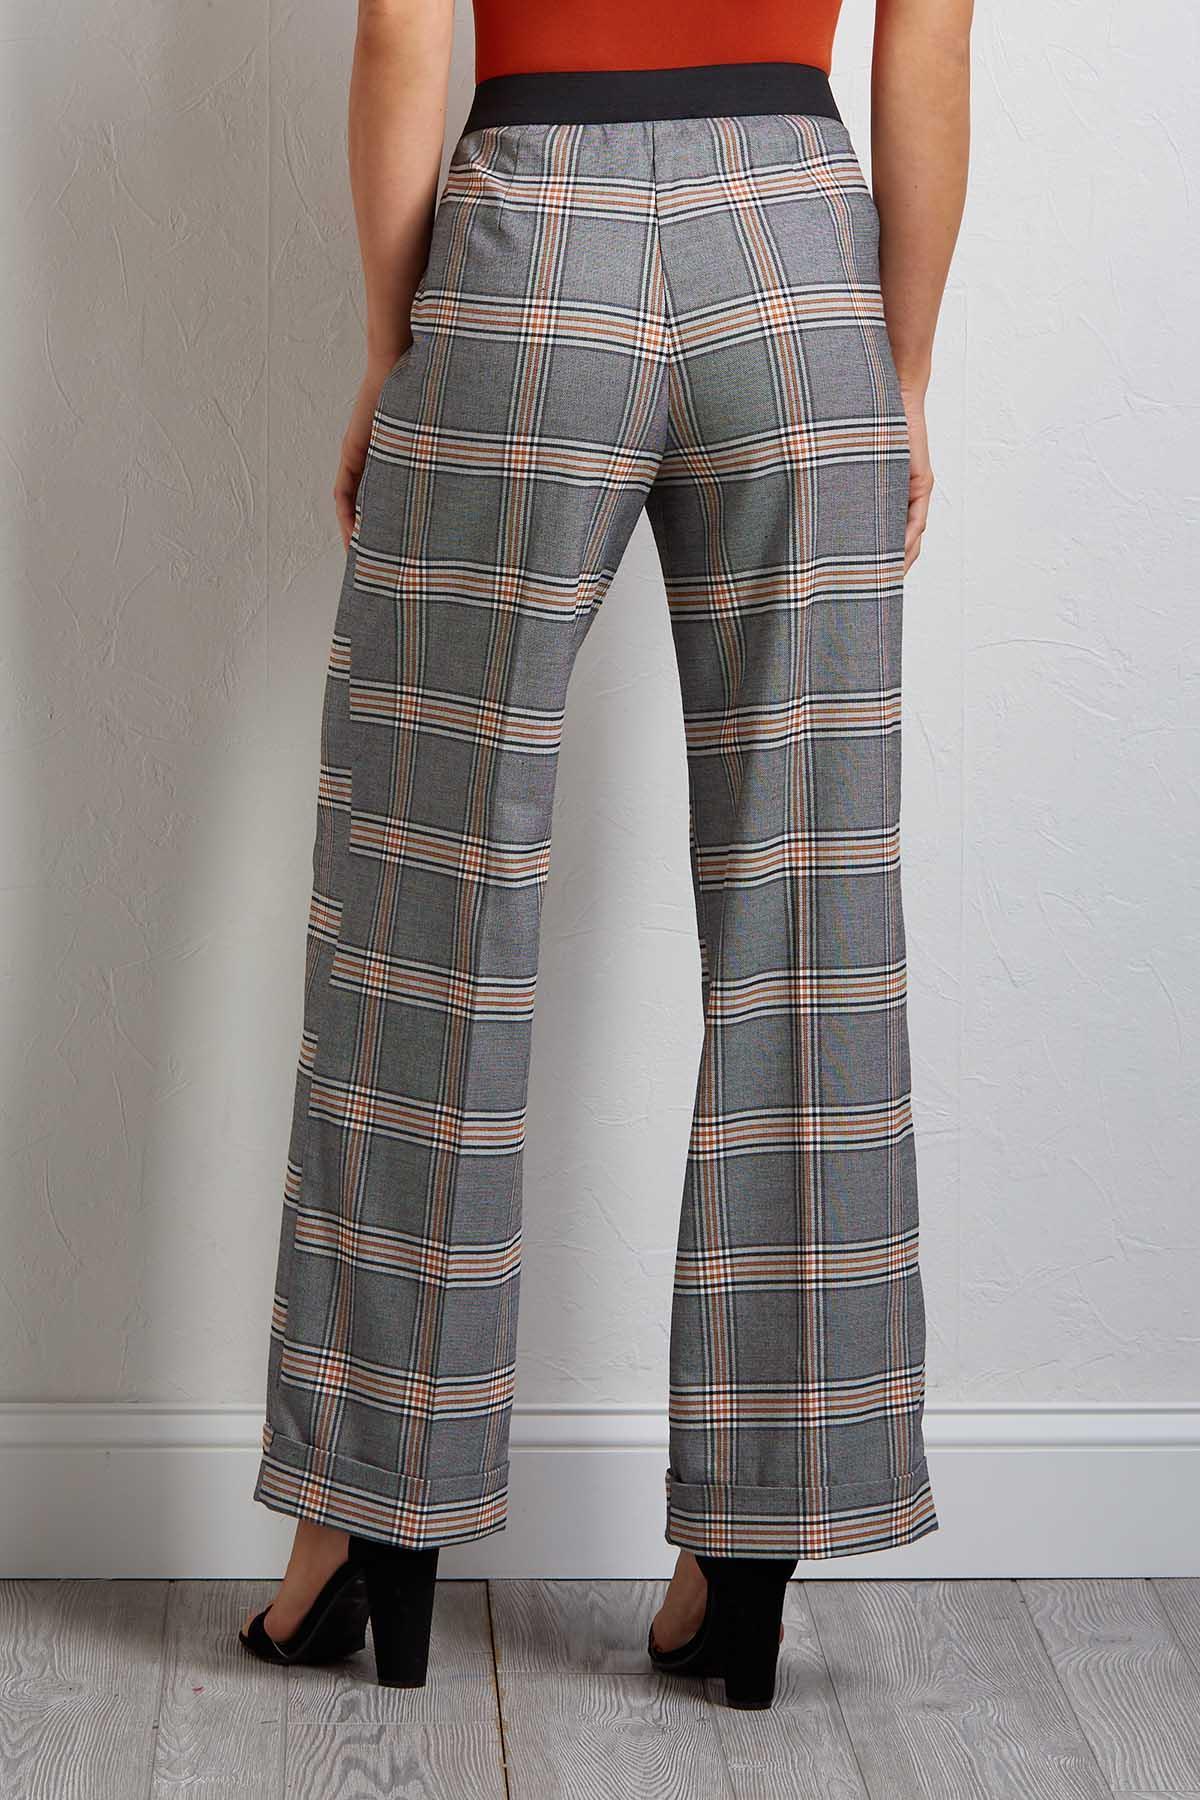 Proper Plaid Cuffed Pants